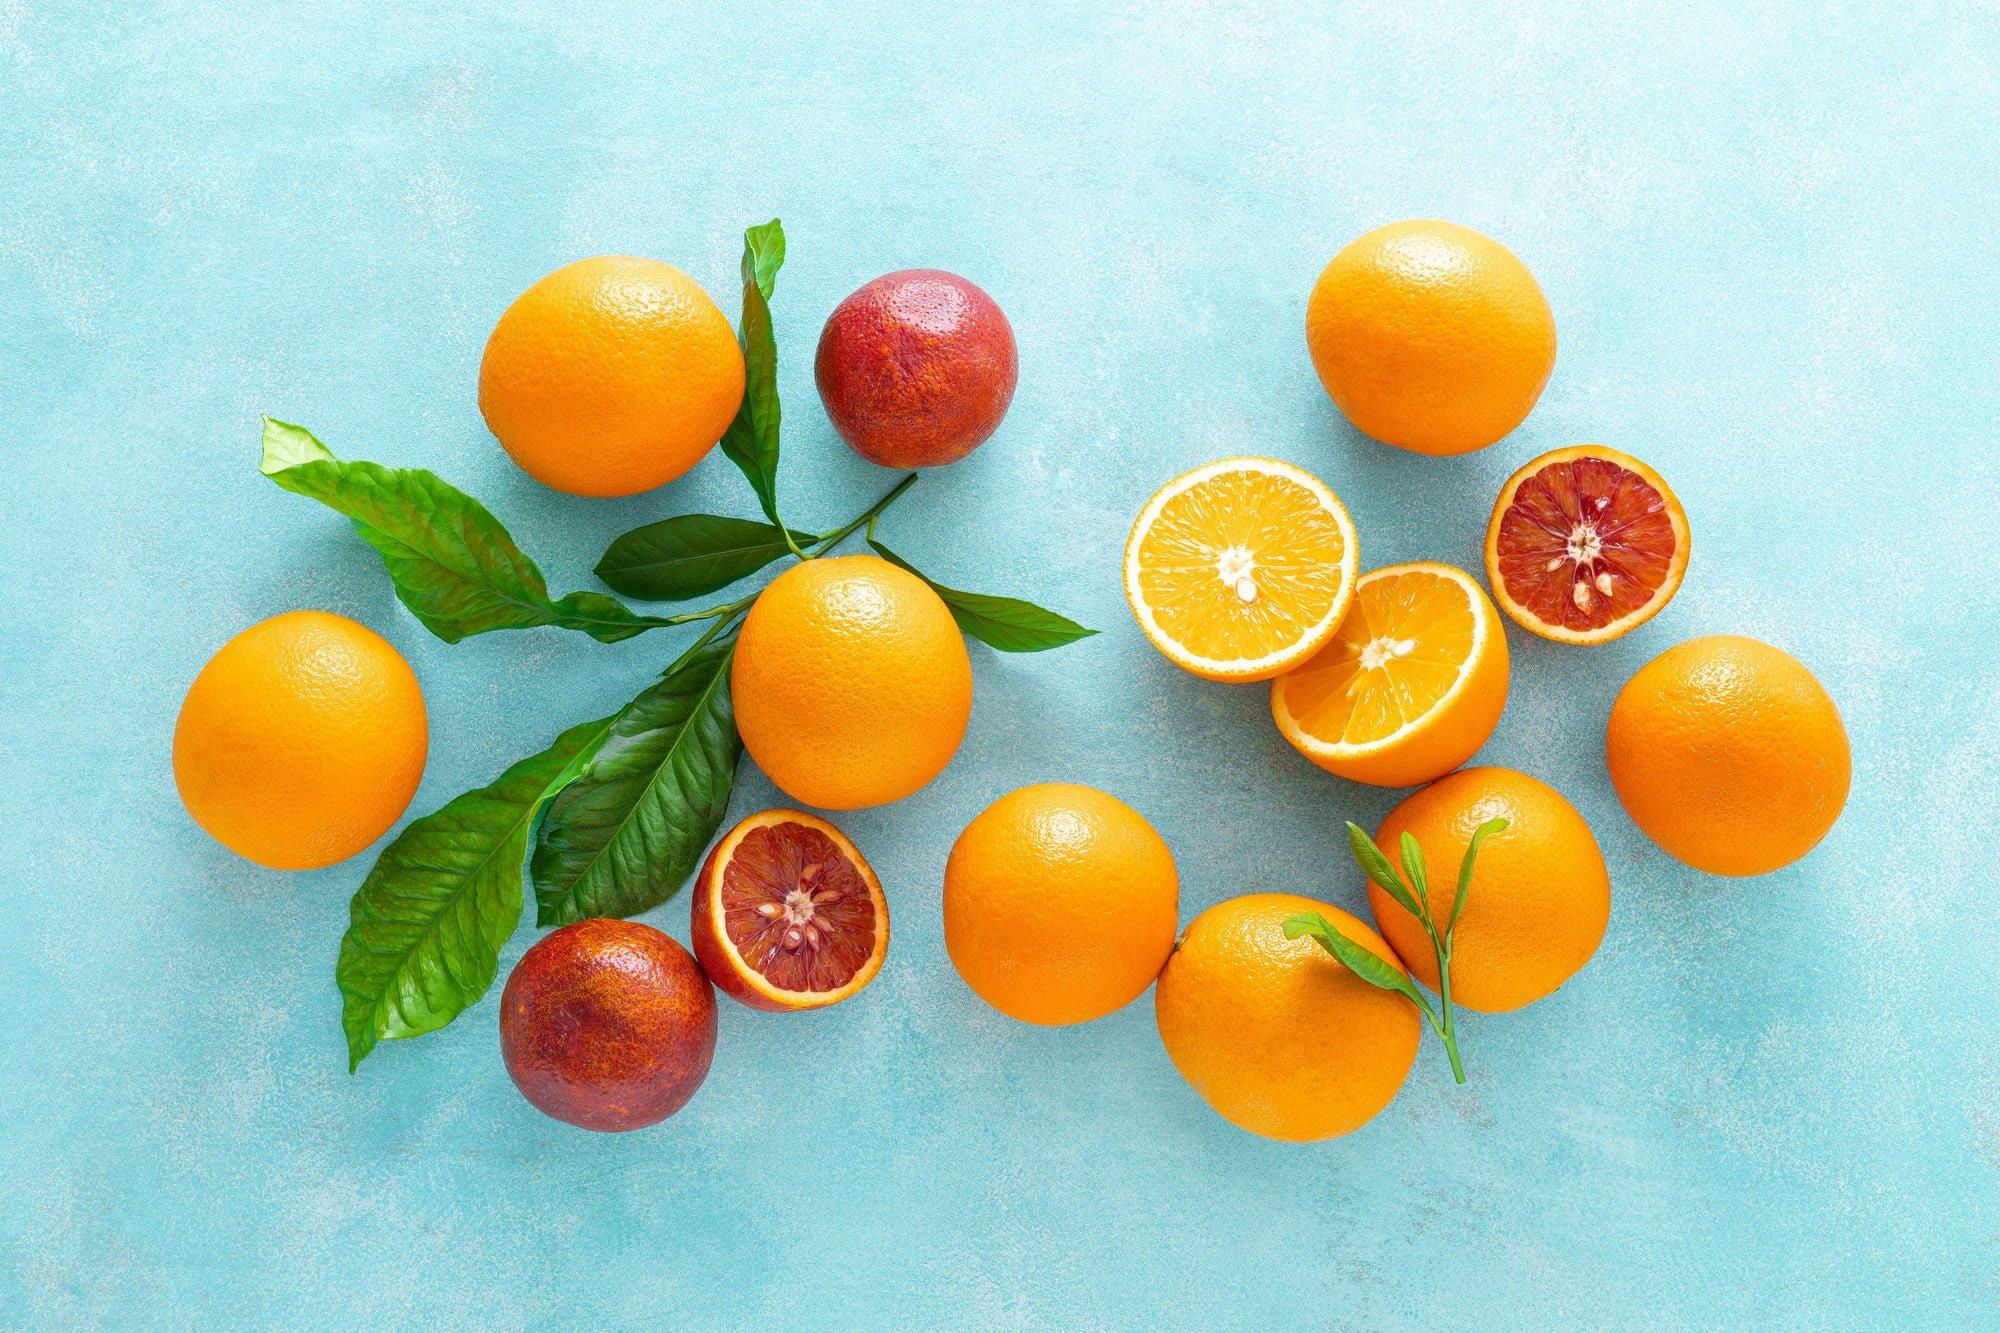 Oranges, fresh fruits, vitamin C concept